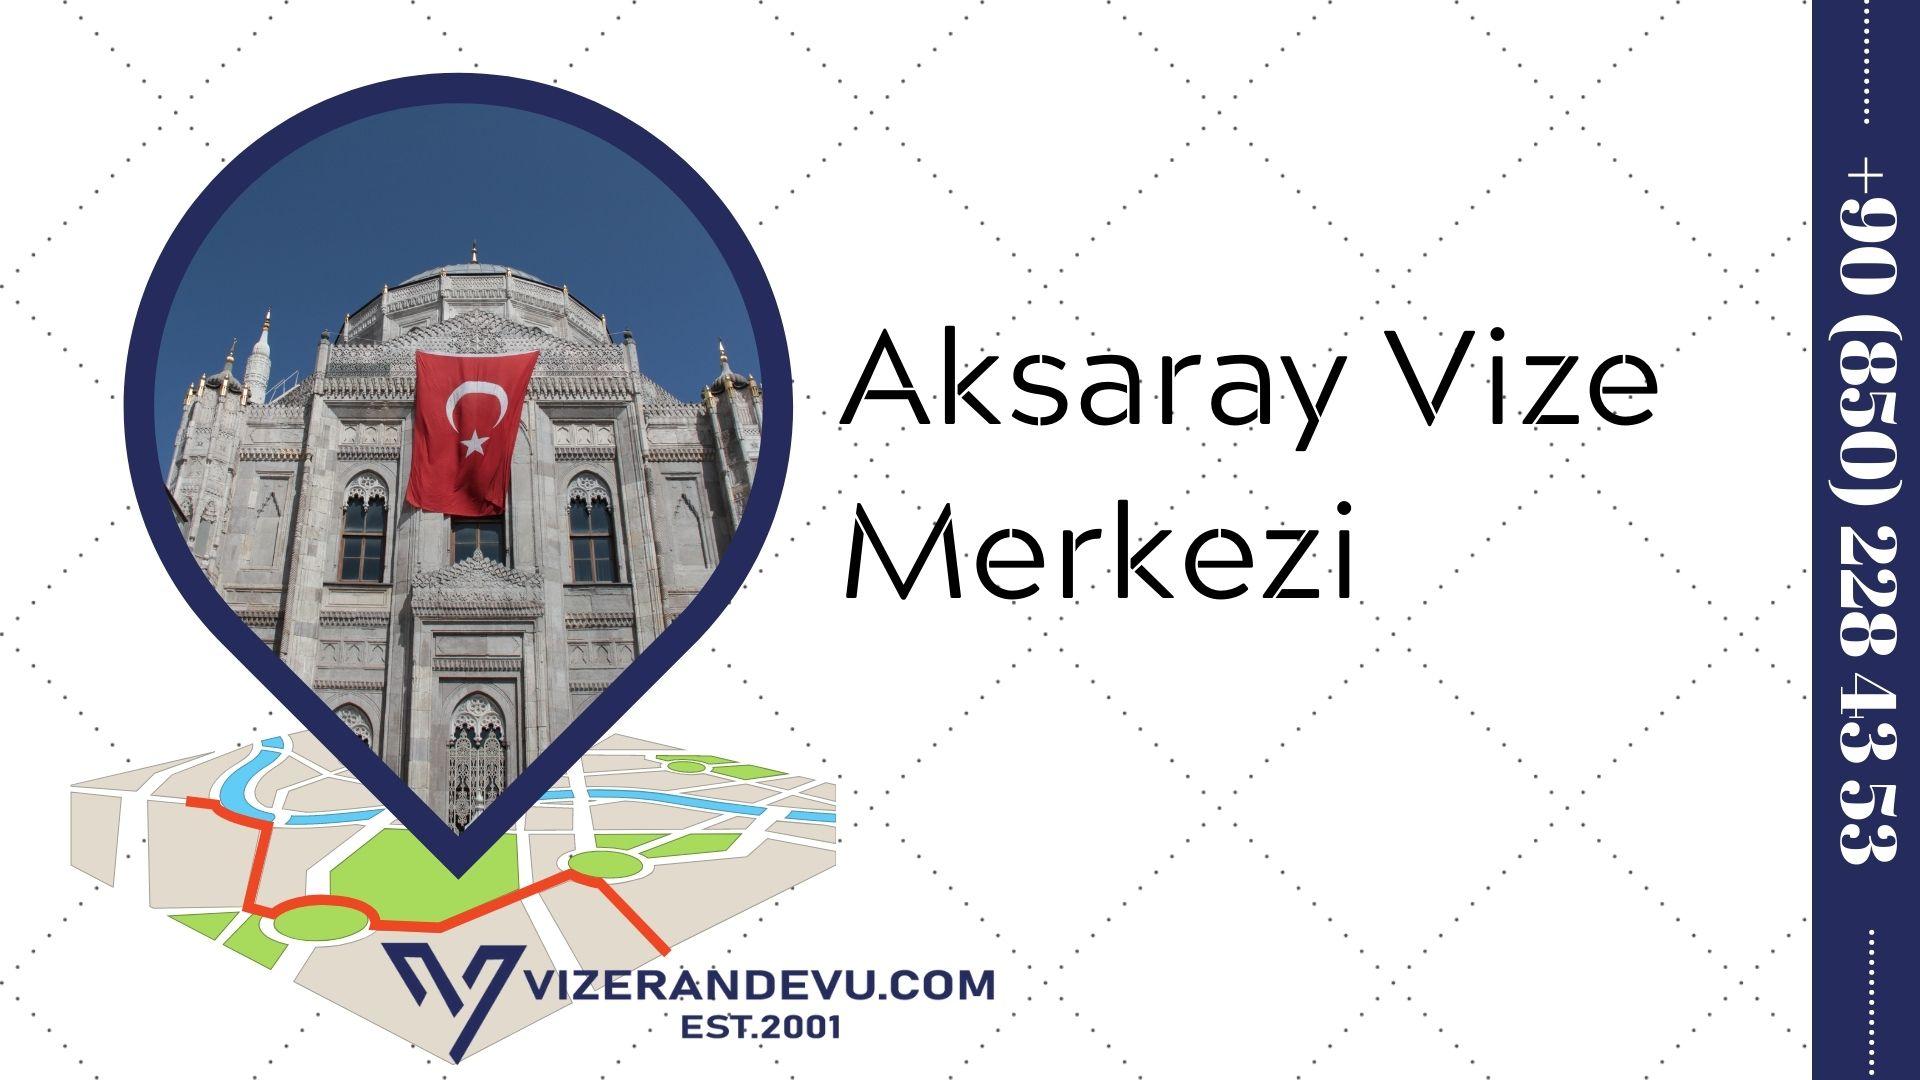 Aksaray Vize Merkezi